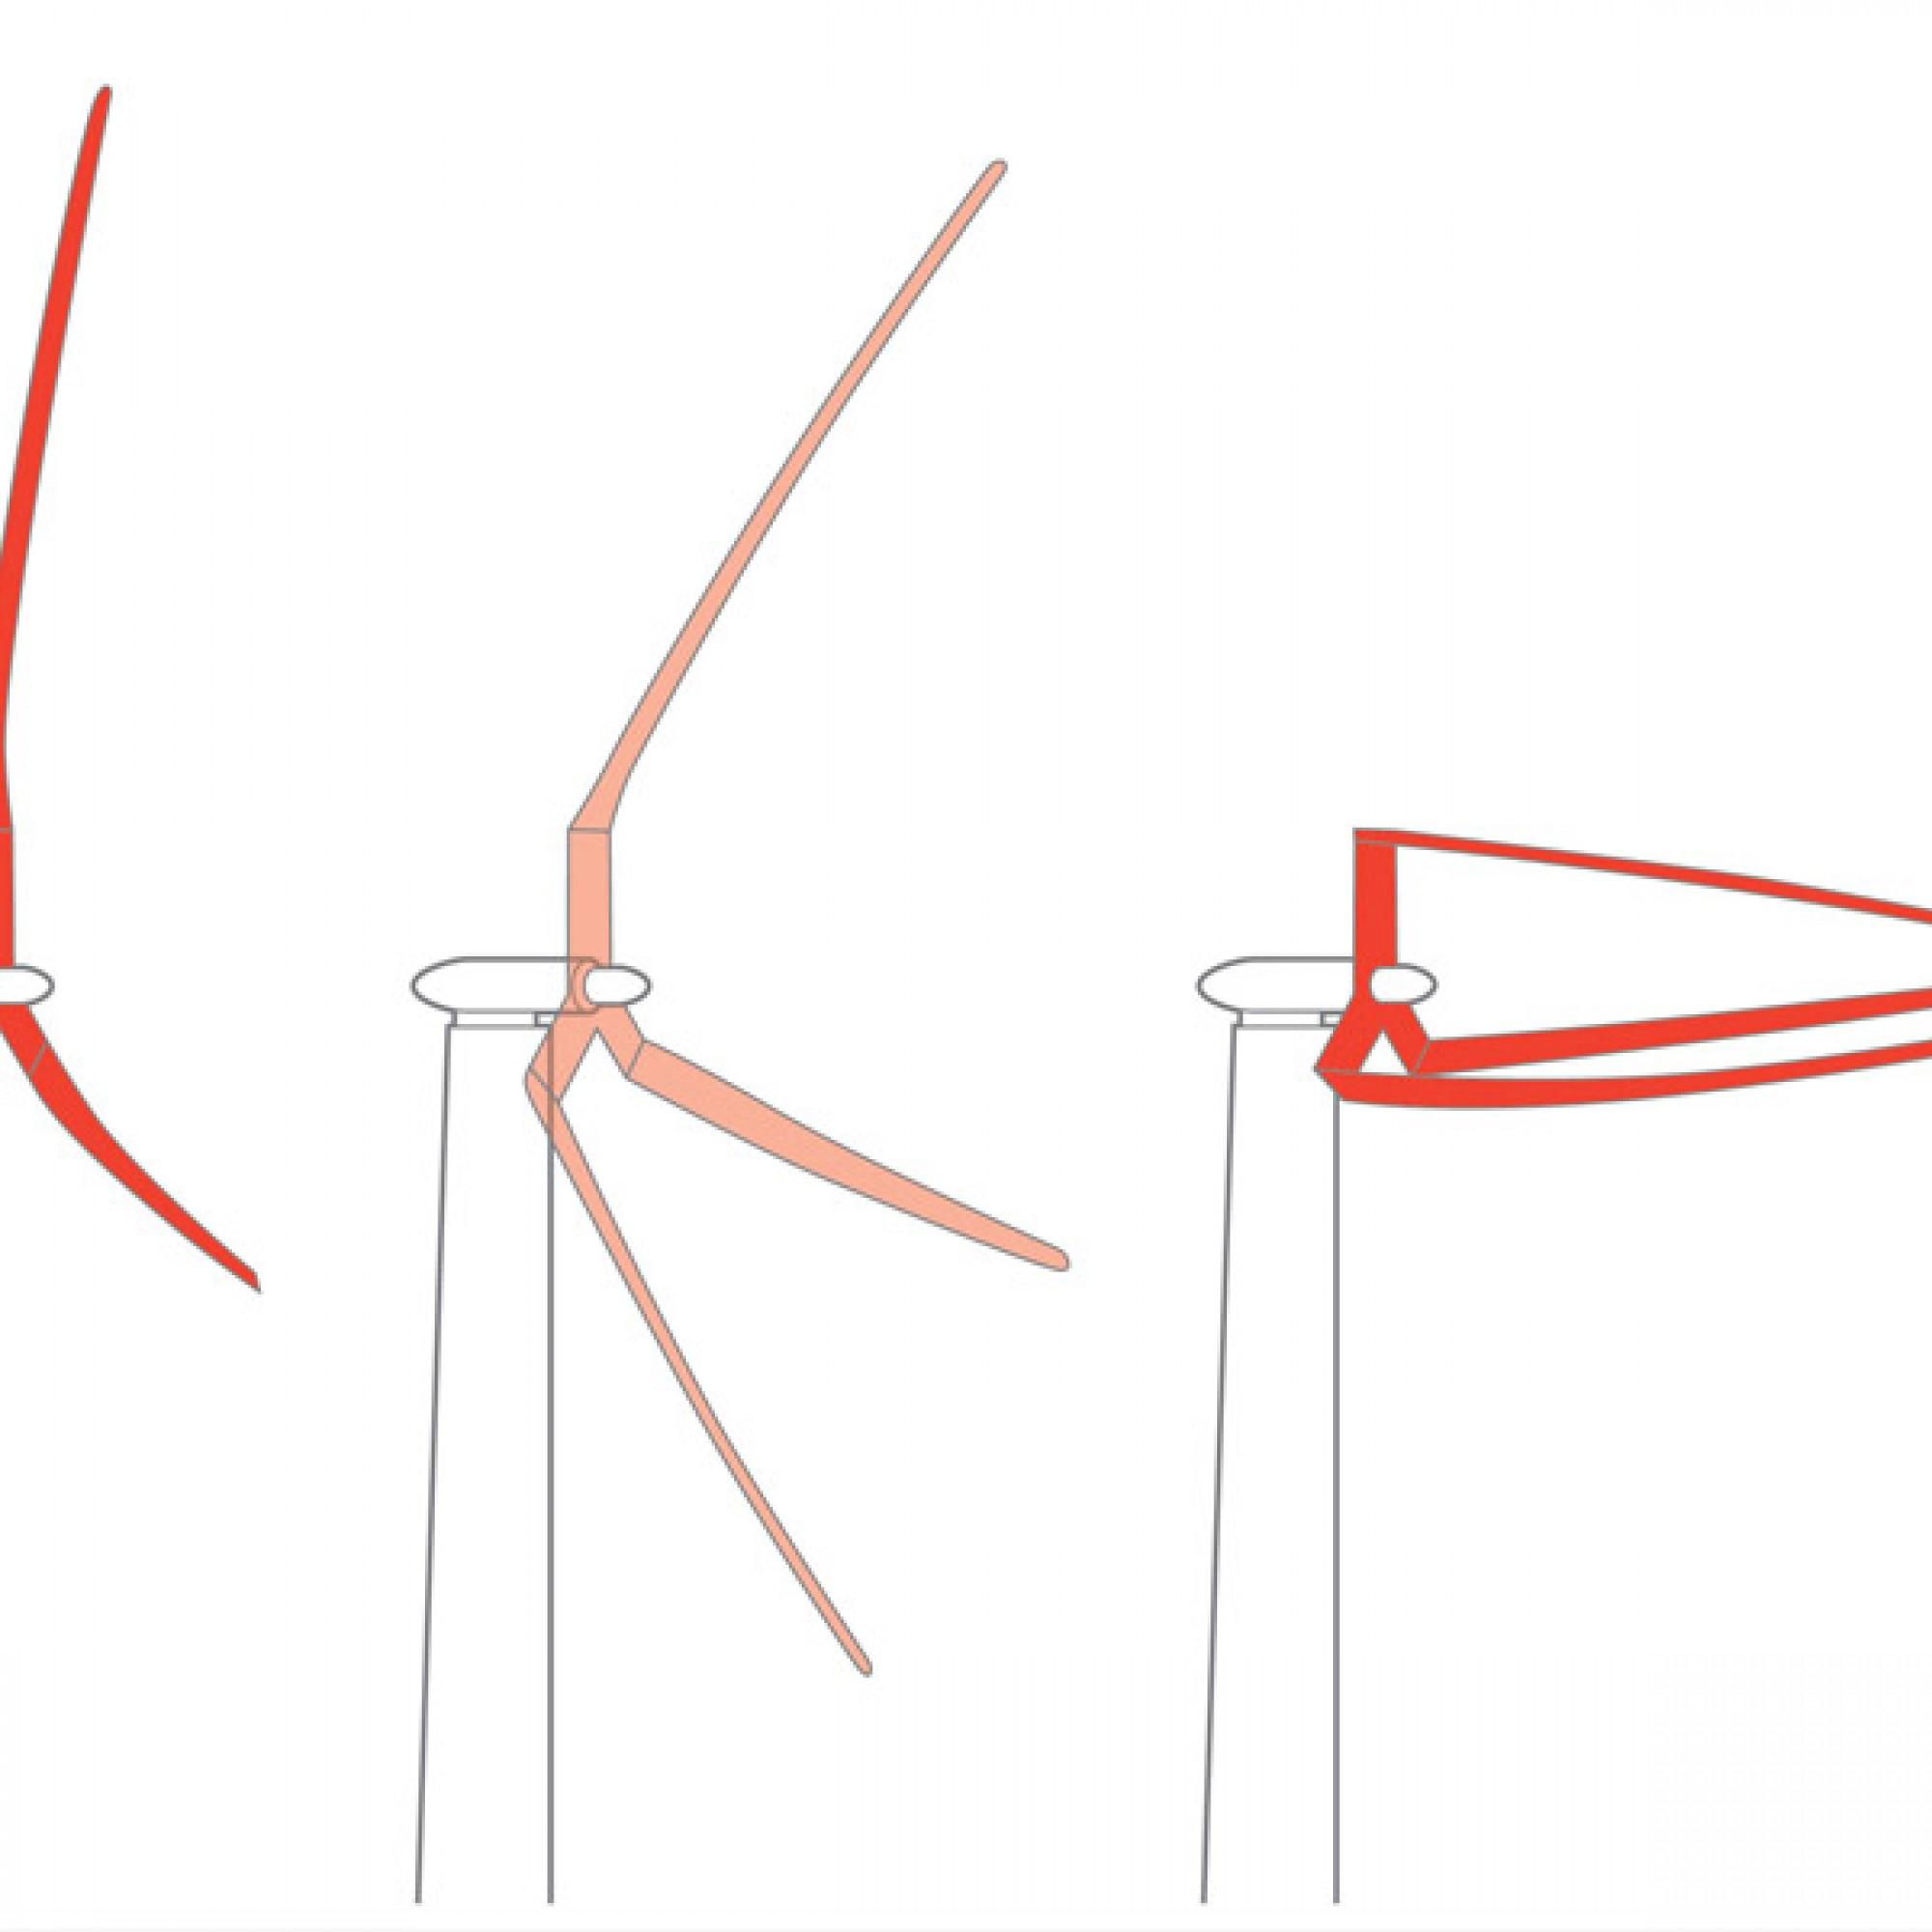 Wenn der Wind zu stark wird, sollen sich die Rotoren in Windrichtung abklappen können. (TrevorJohnston.com/Popular Science)